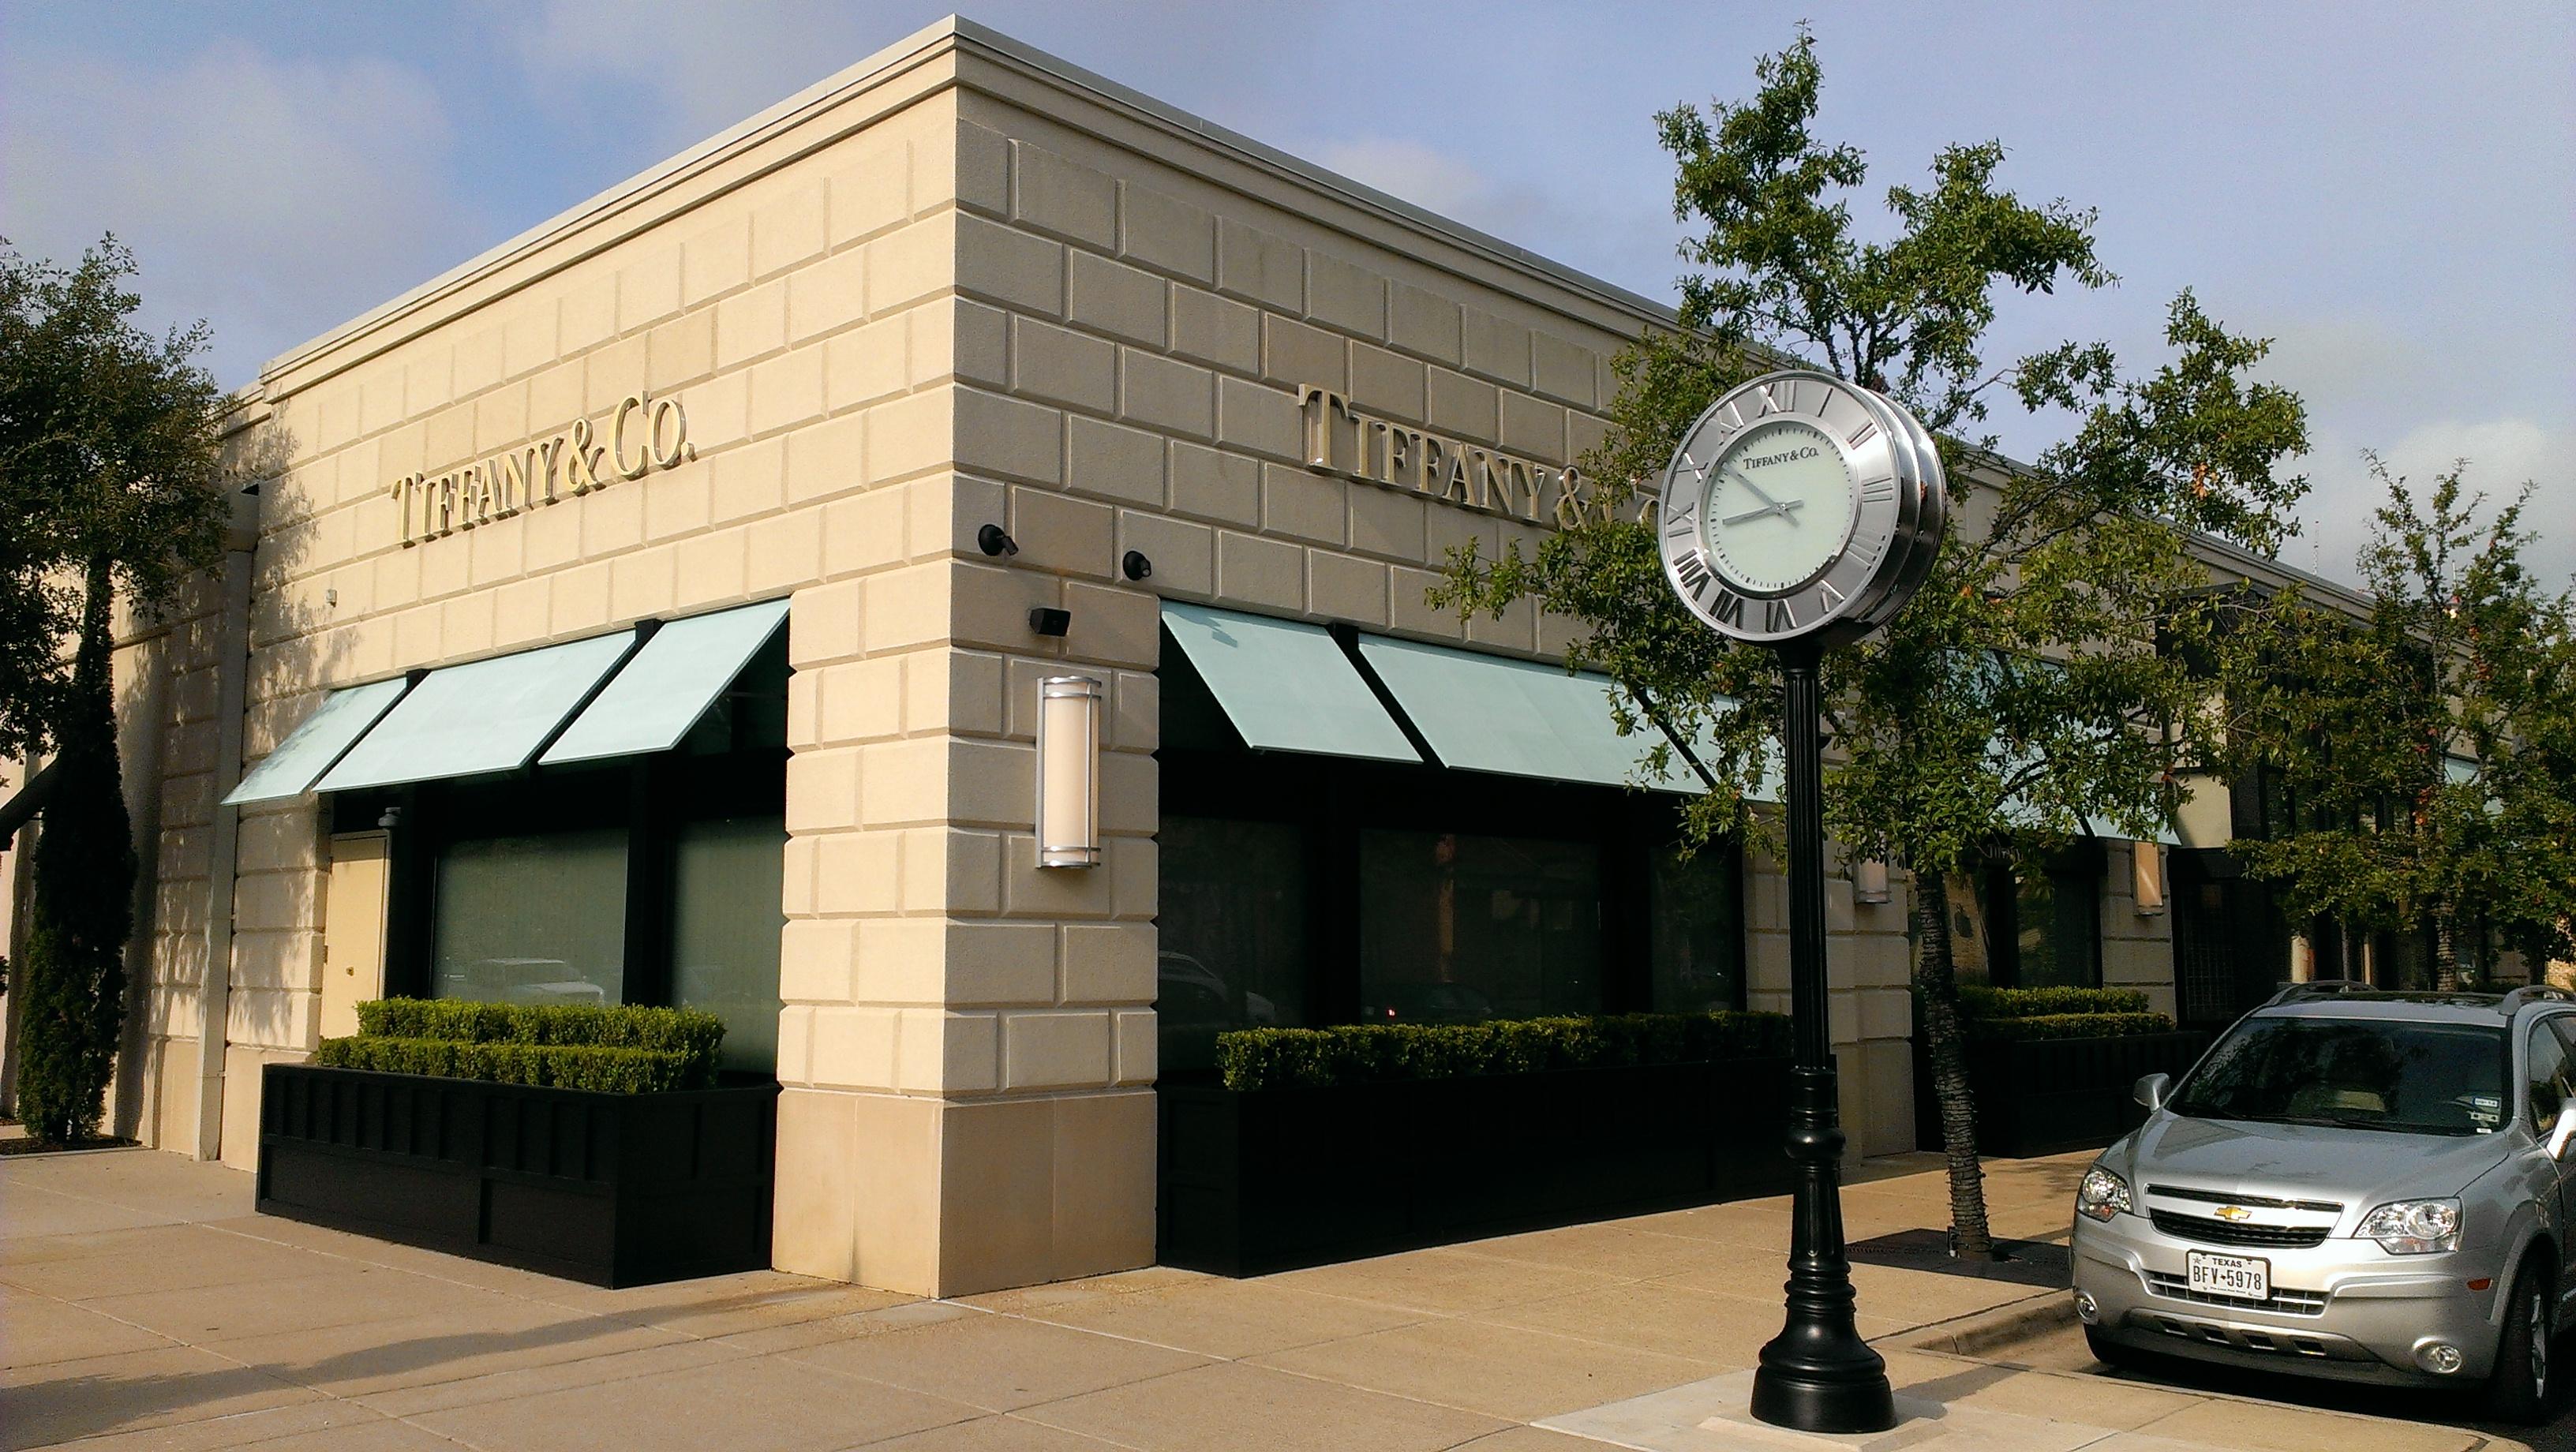 Tiffany & Co. image 1